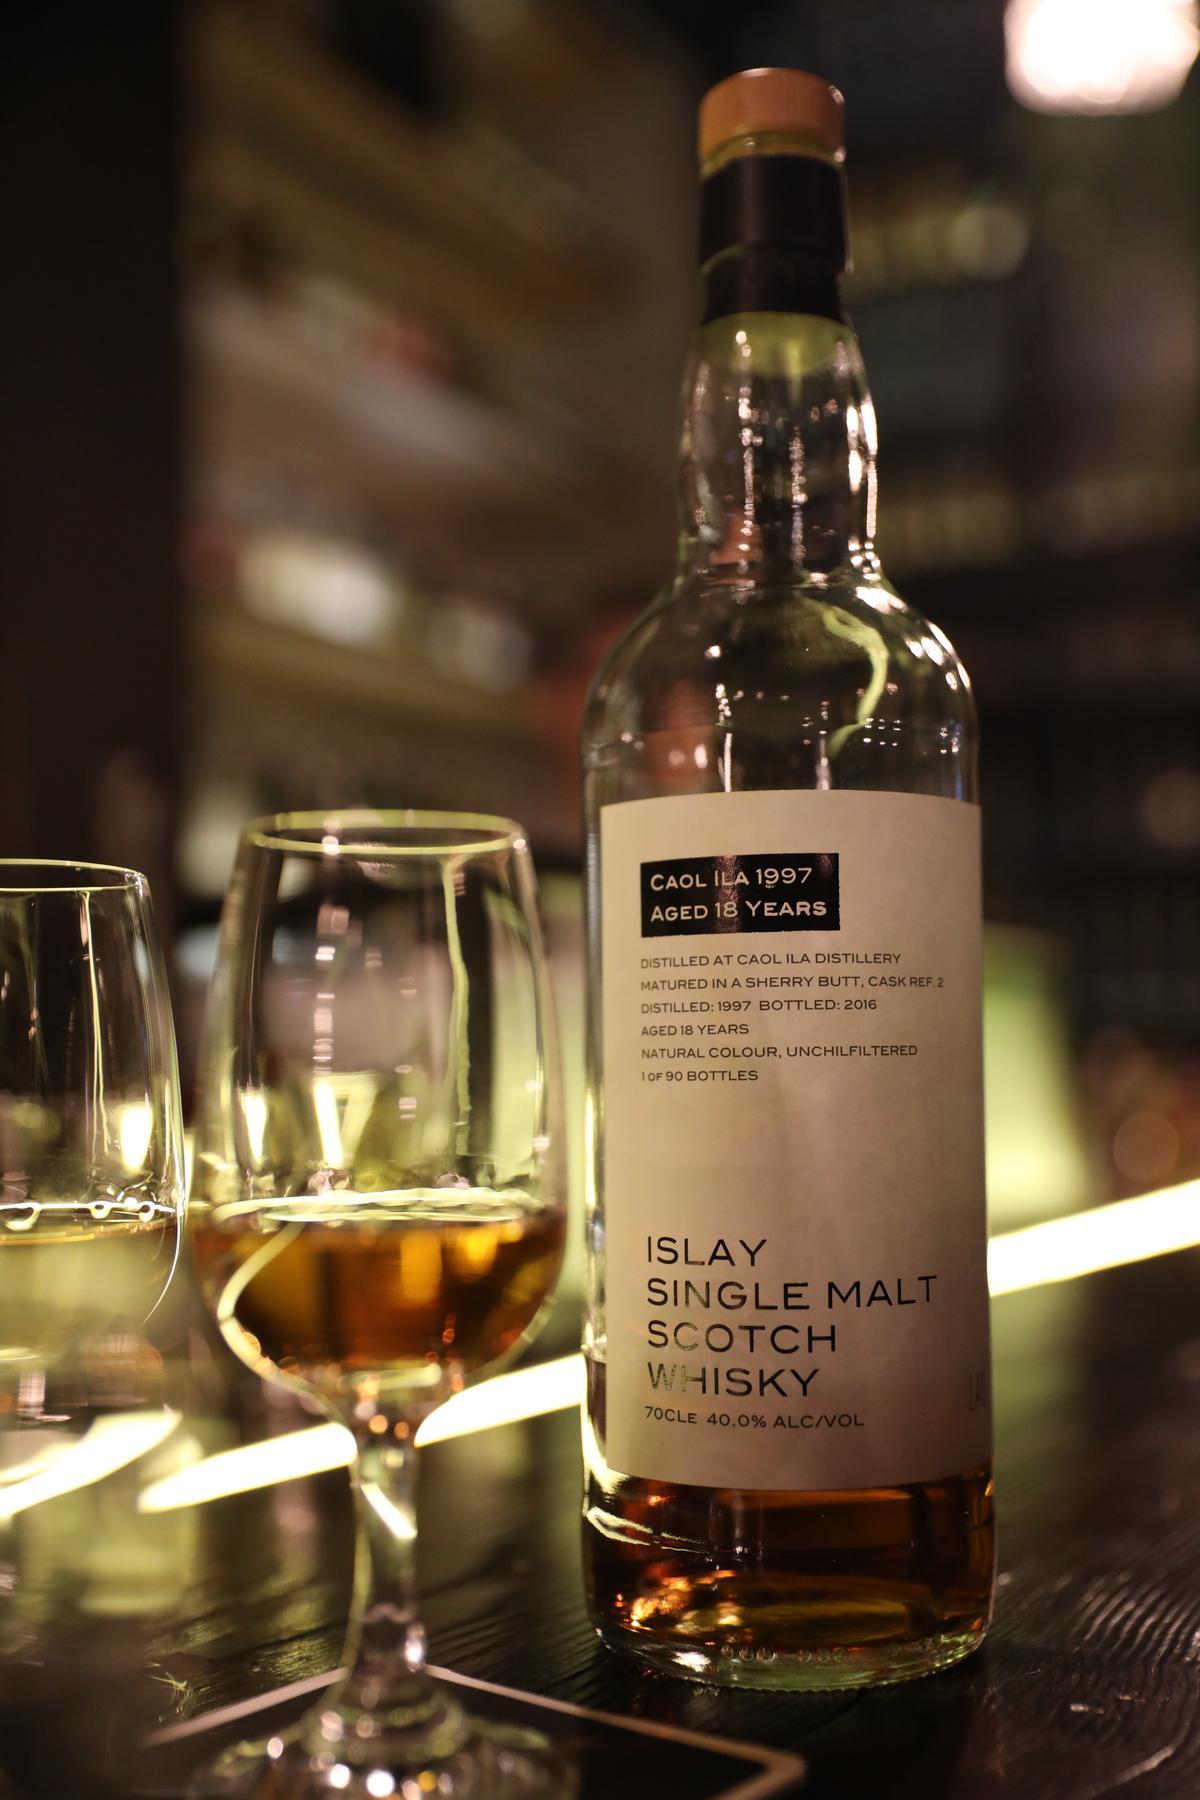 只在Lab喝得到的獨家訂製威士忌,洋溢實驗室風格的簡潔酒標,是老闆Chris的想法,標示著產自艾雷島、18年桶陳、2016 裝瓶等資訊。(人民幣195 元/杯,約NT$898)